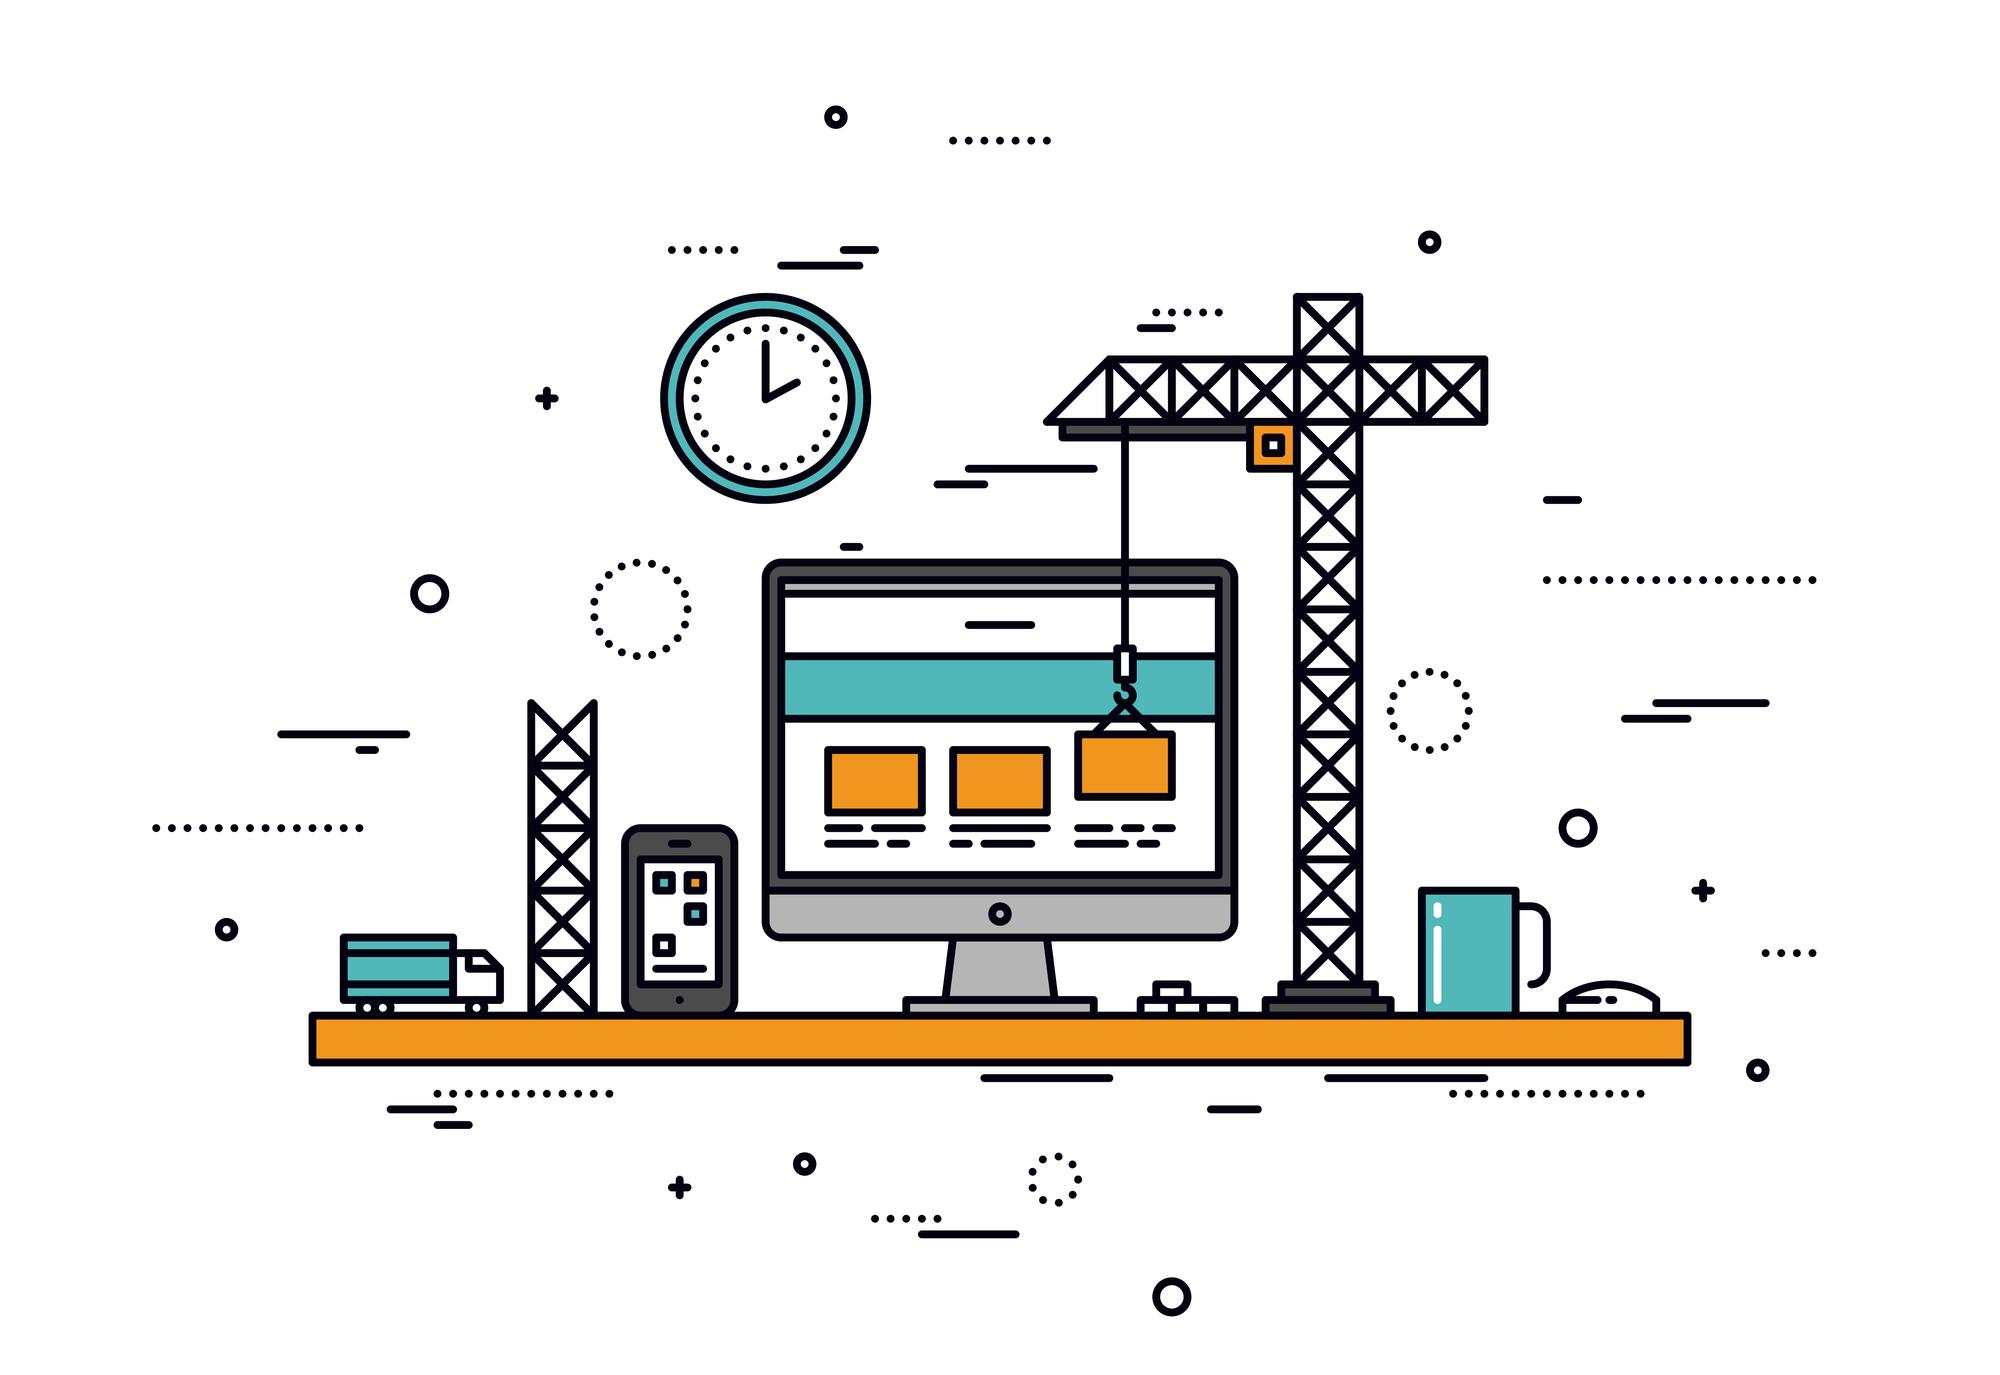 Automatización de marketing, herramienta poco usada en B2B: estudio